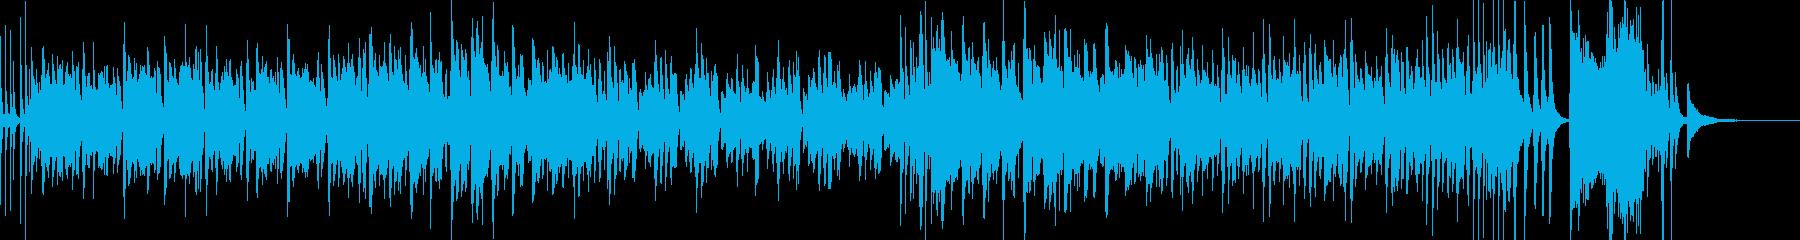 ポップなSwing Jazzの再生済みの波形